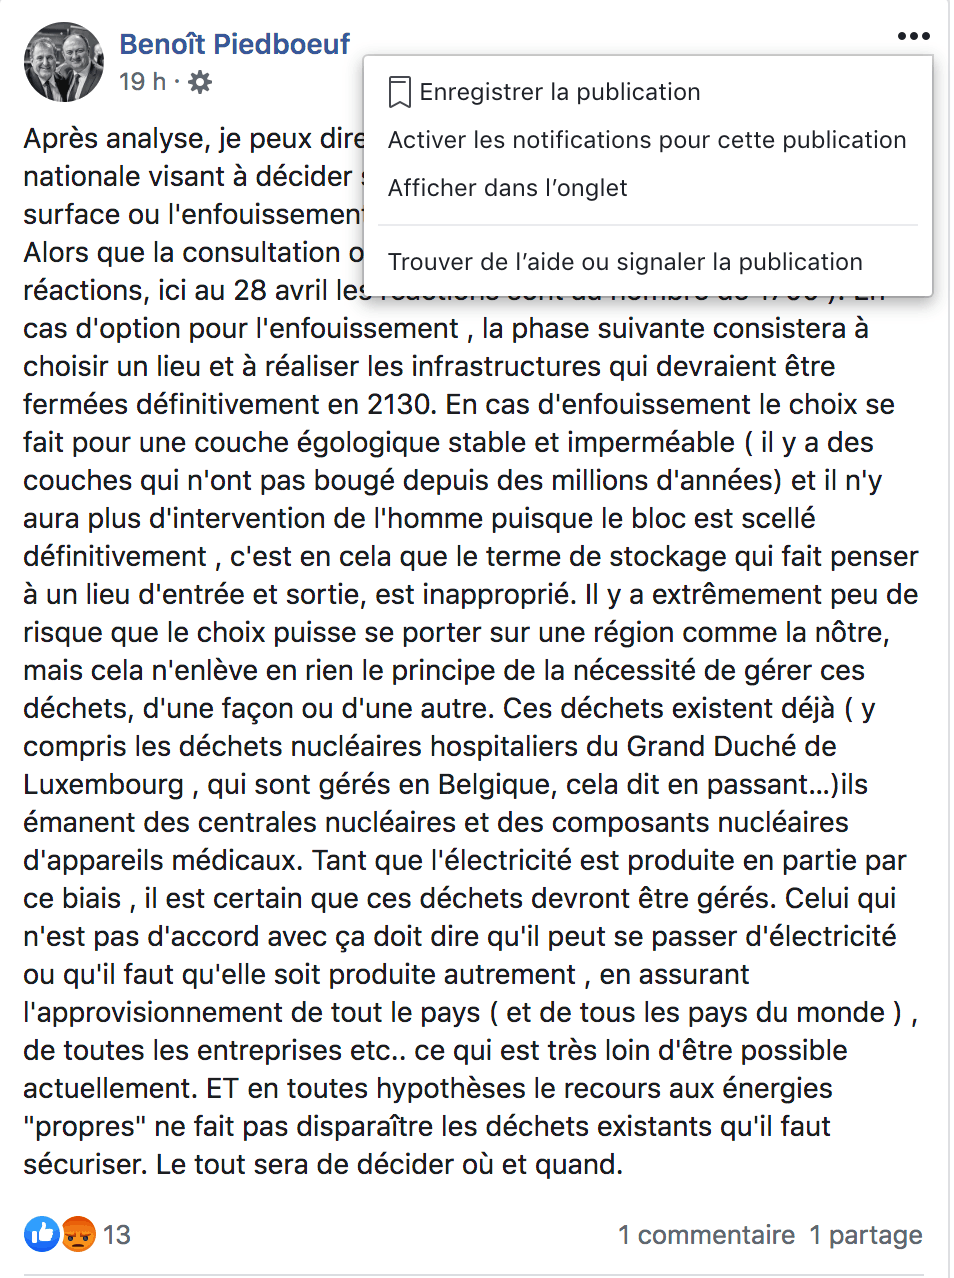 Benoît Piedboeuf a réagi sur les réseaux sociaux. (Photo: capture d'écran)